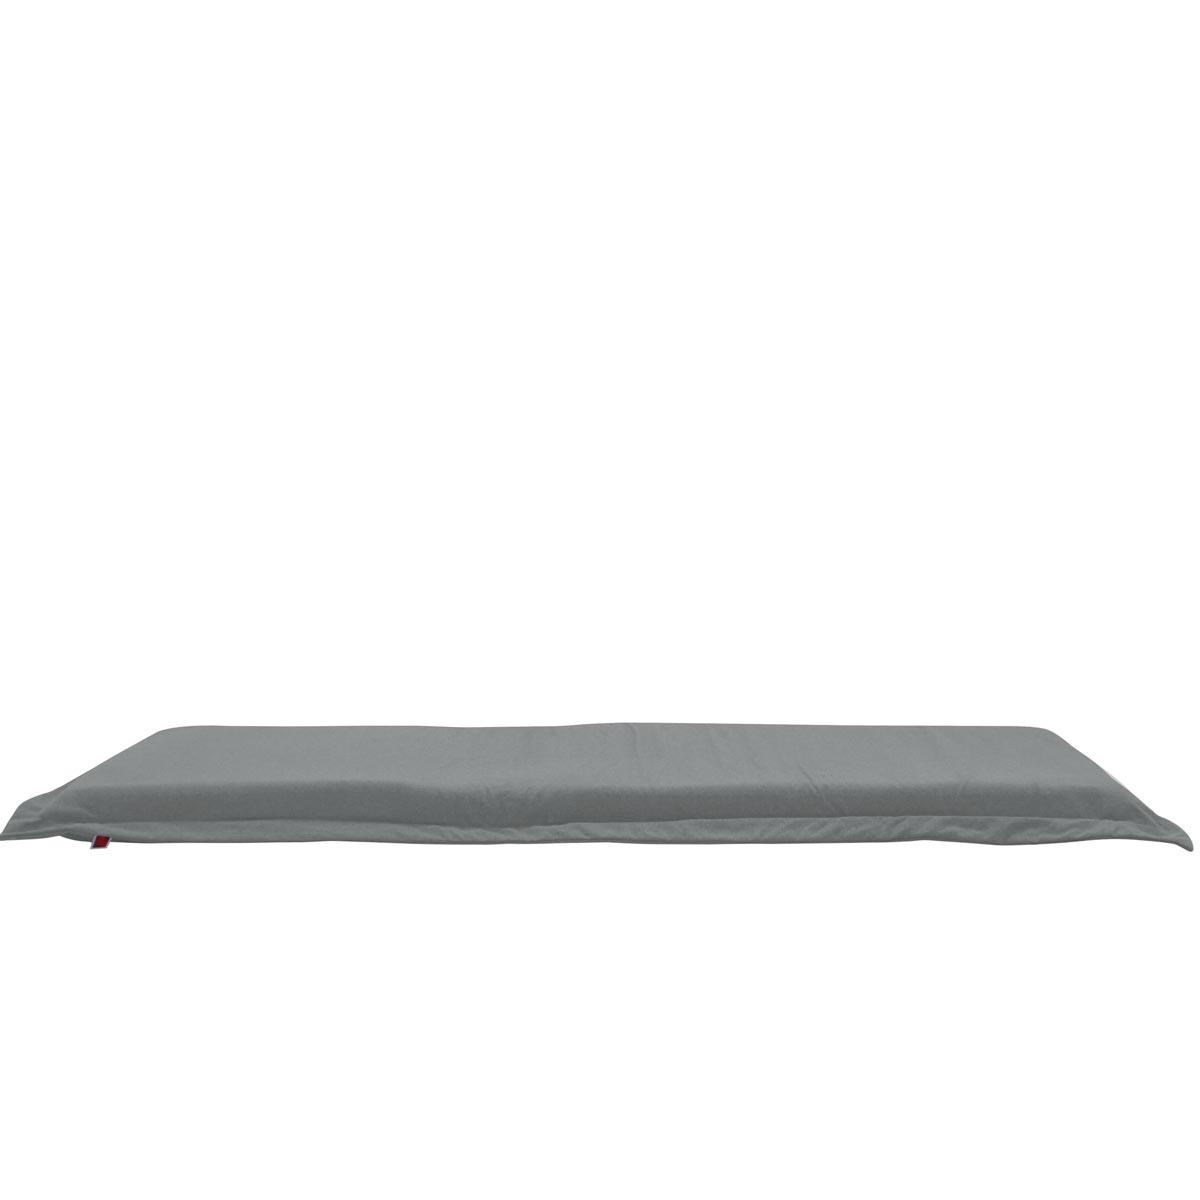 Pufe ClicClac Uno Lounge Tecido Ecolona Cimento 03 01